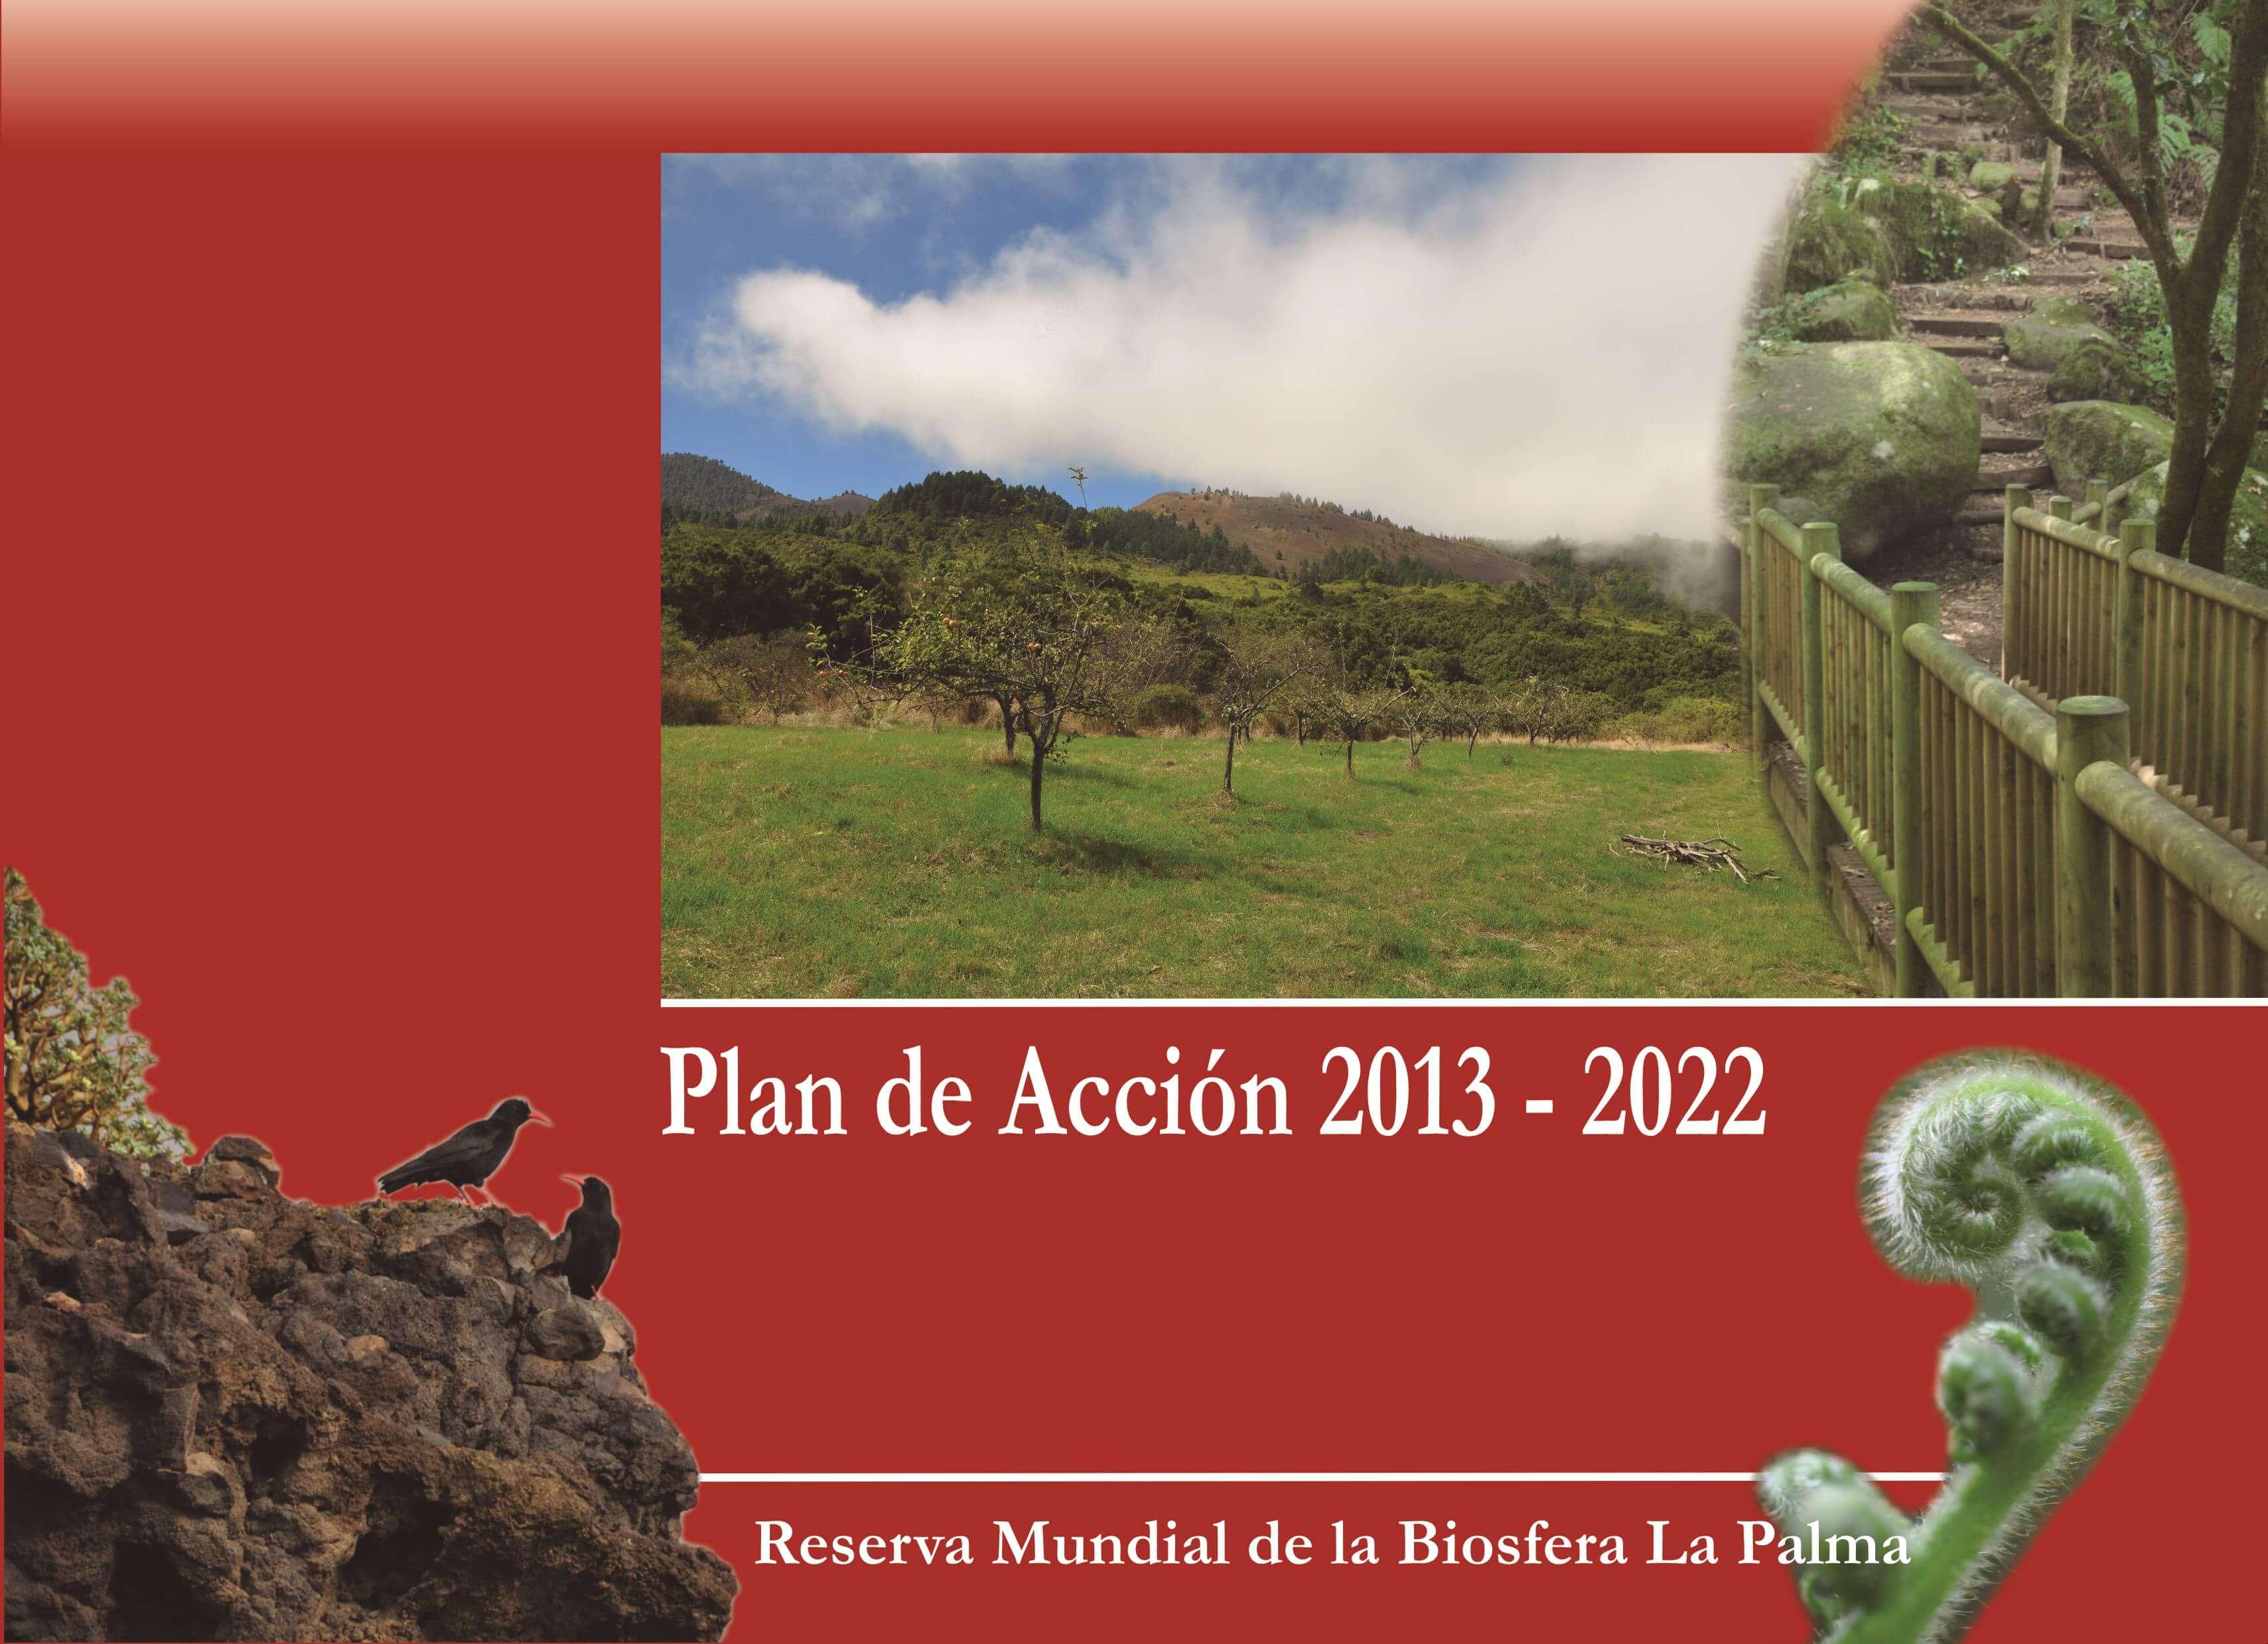 Aprobación definitiva del Plan de Acción de la Reserva Mundial de la Biosfera La Palma 2013-2022